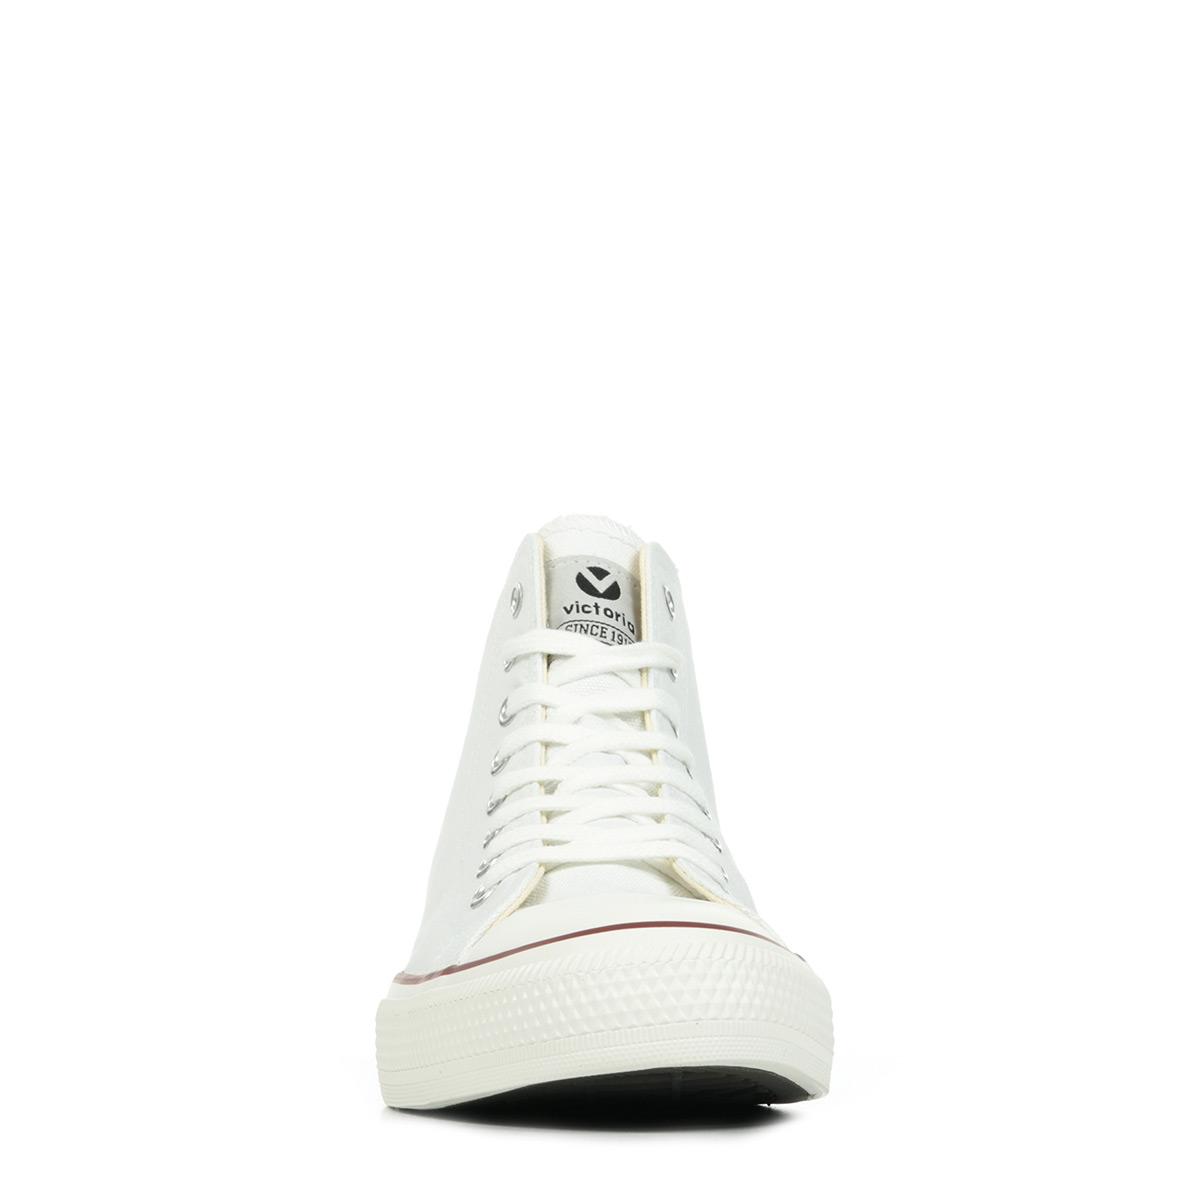 Victoria Zapatilla Basket Autoclave 06500BLA, Baskets mode